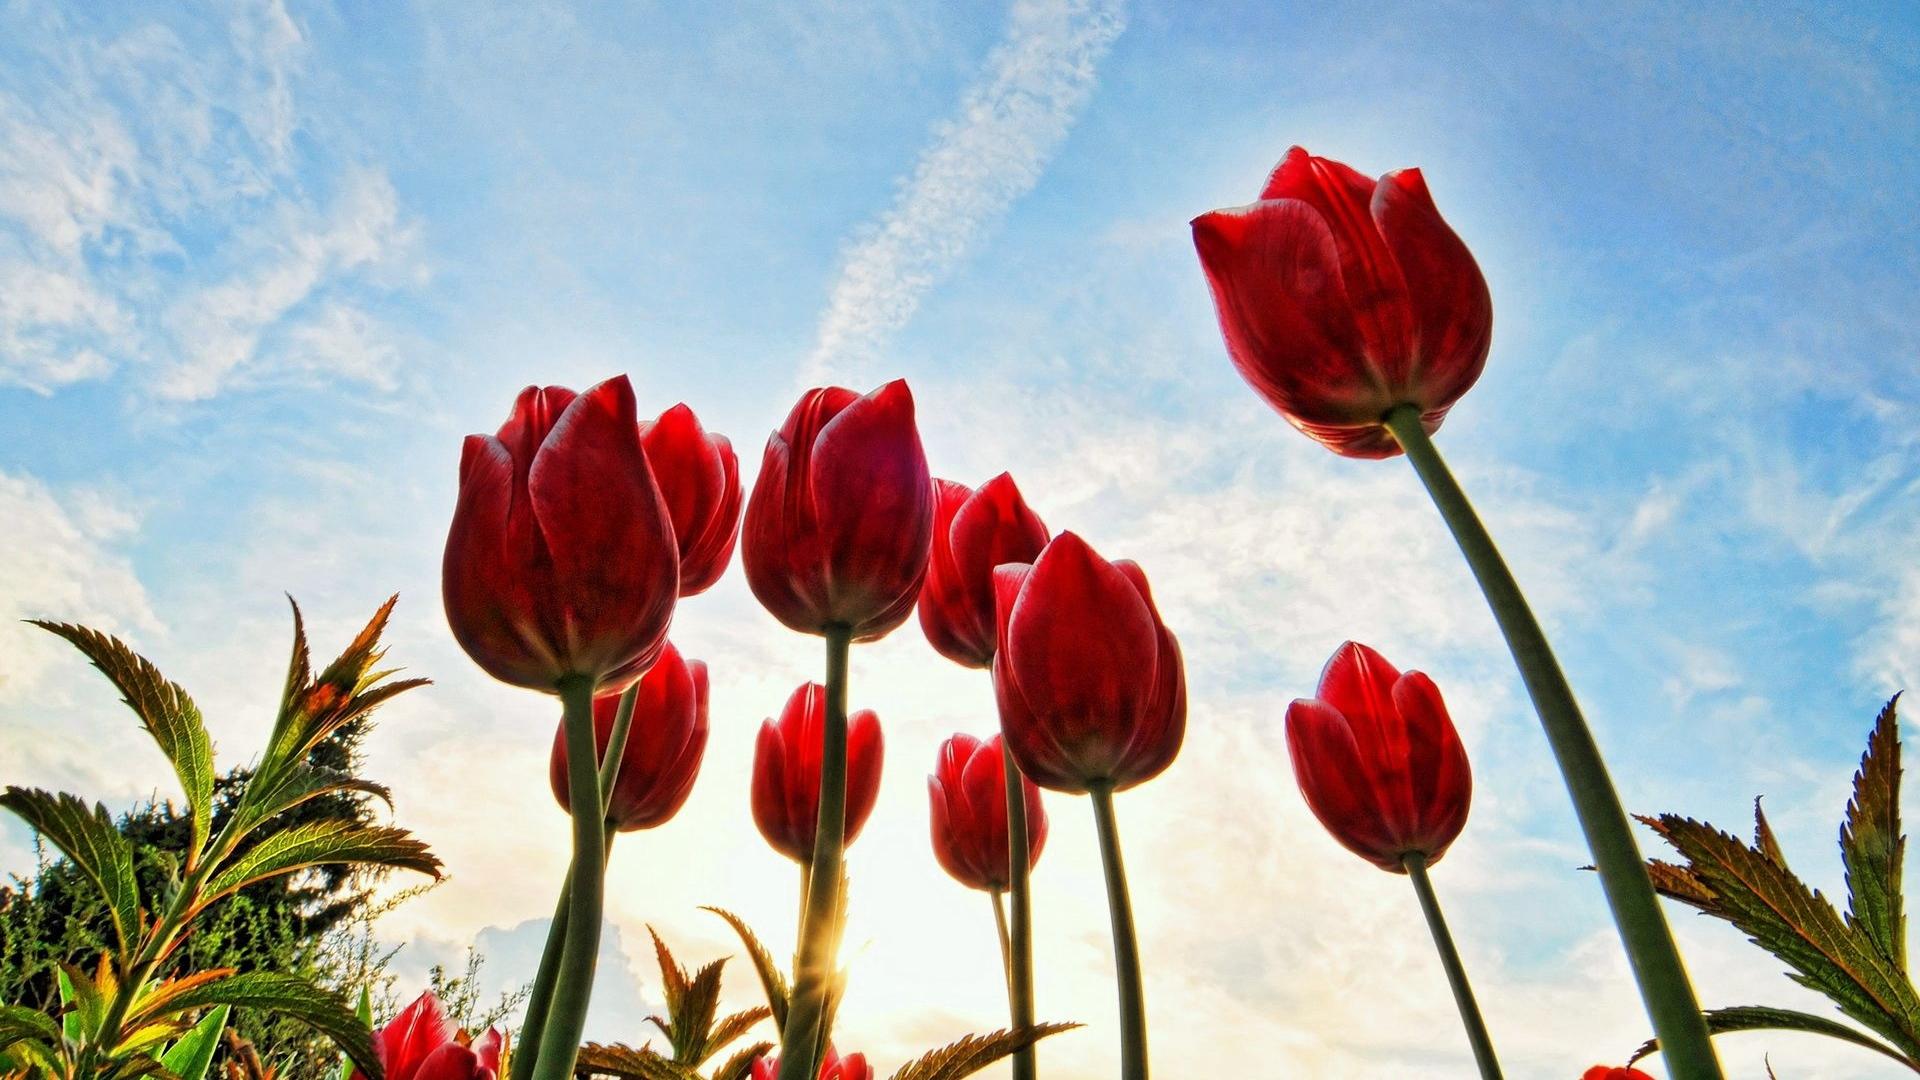 Ảnh hoa Tulip buổi sớm đẹp nhất